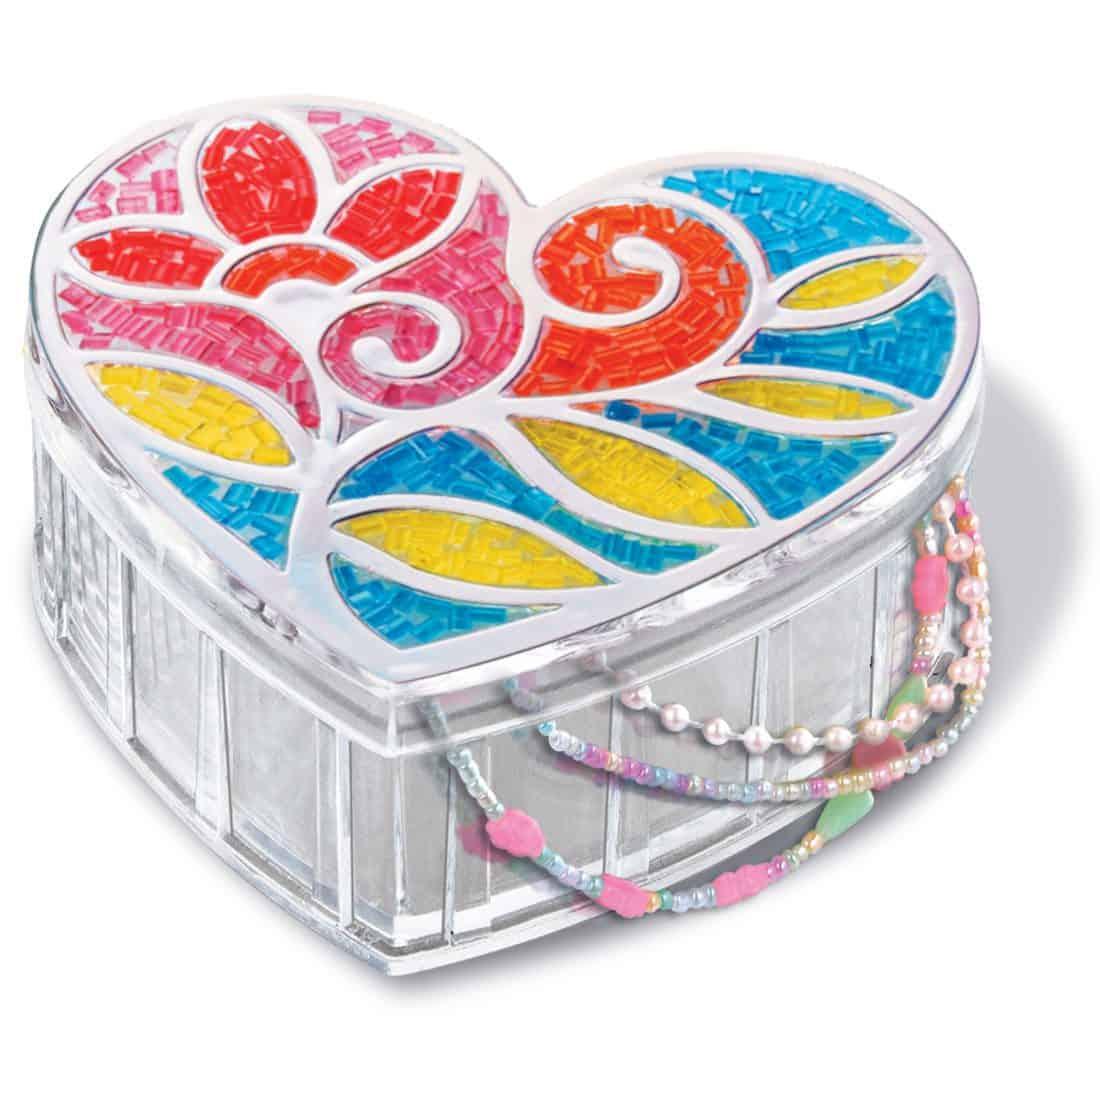 קופסת תכשיטים מקושטת בחרוזים